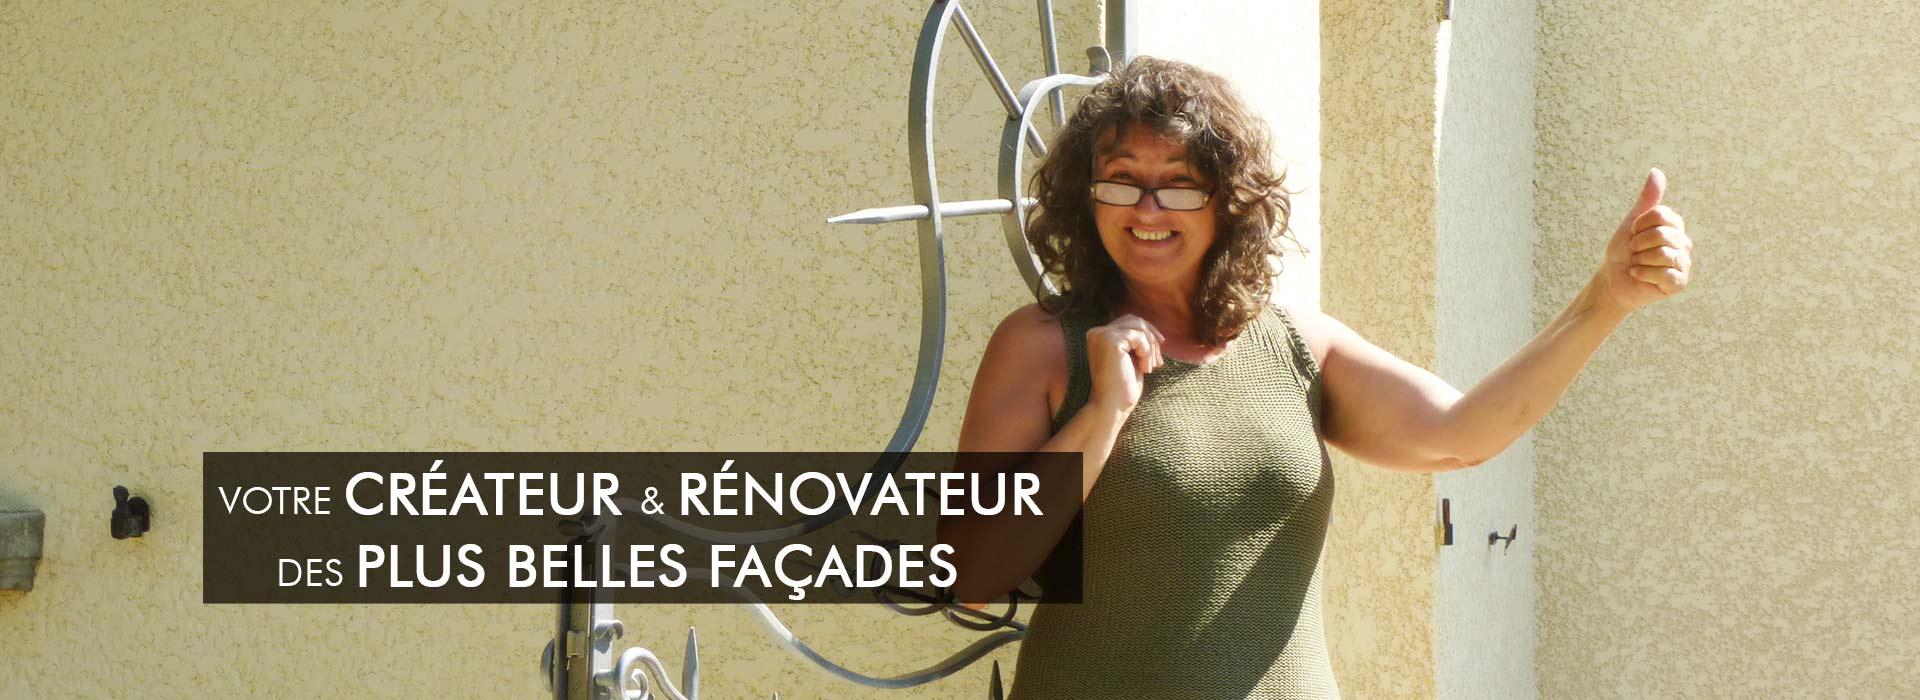 créateur de belle façades et rénovations